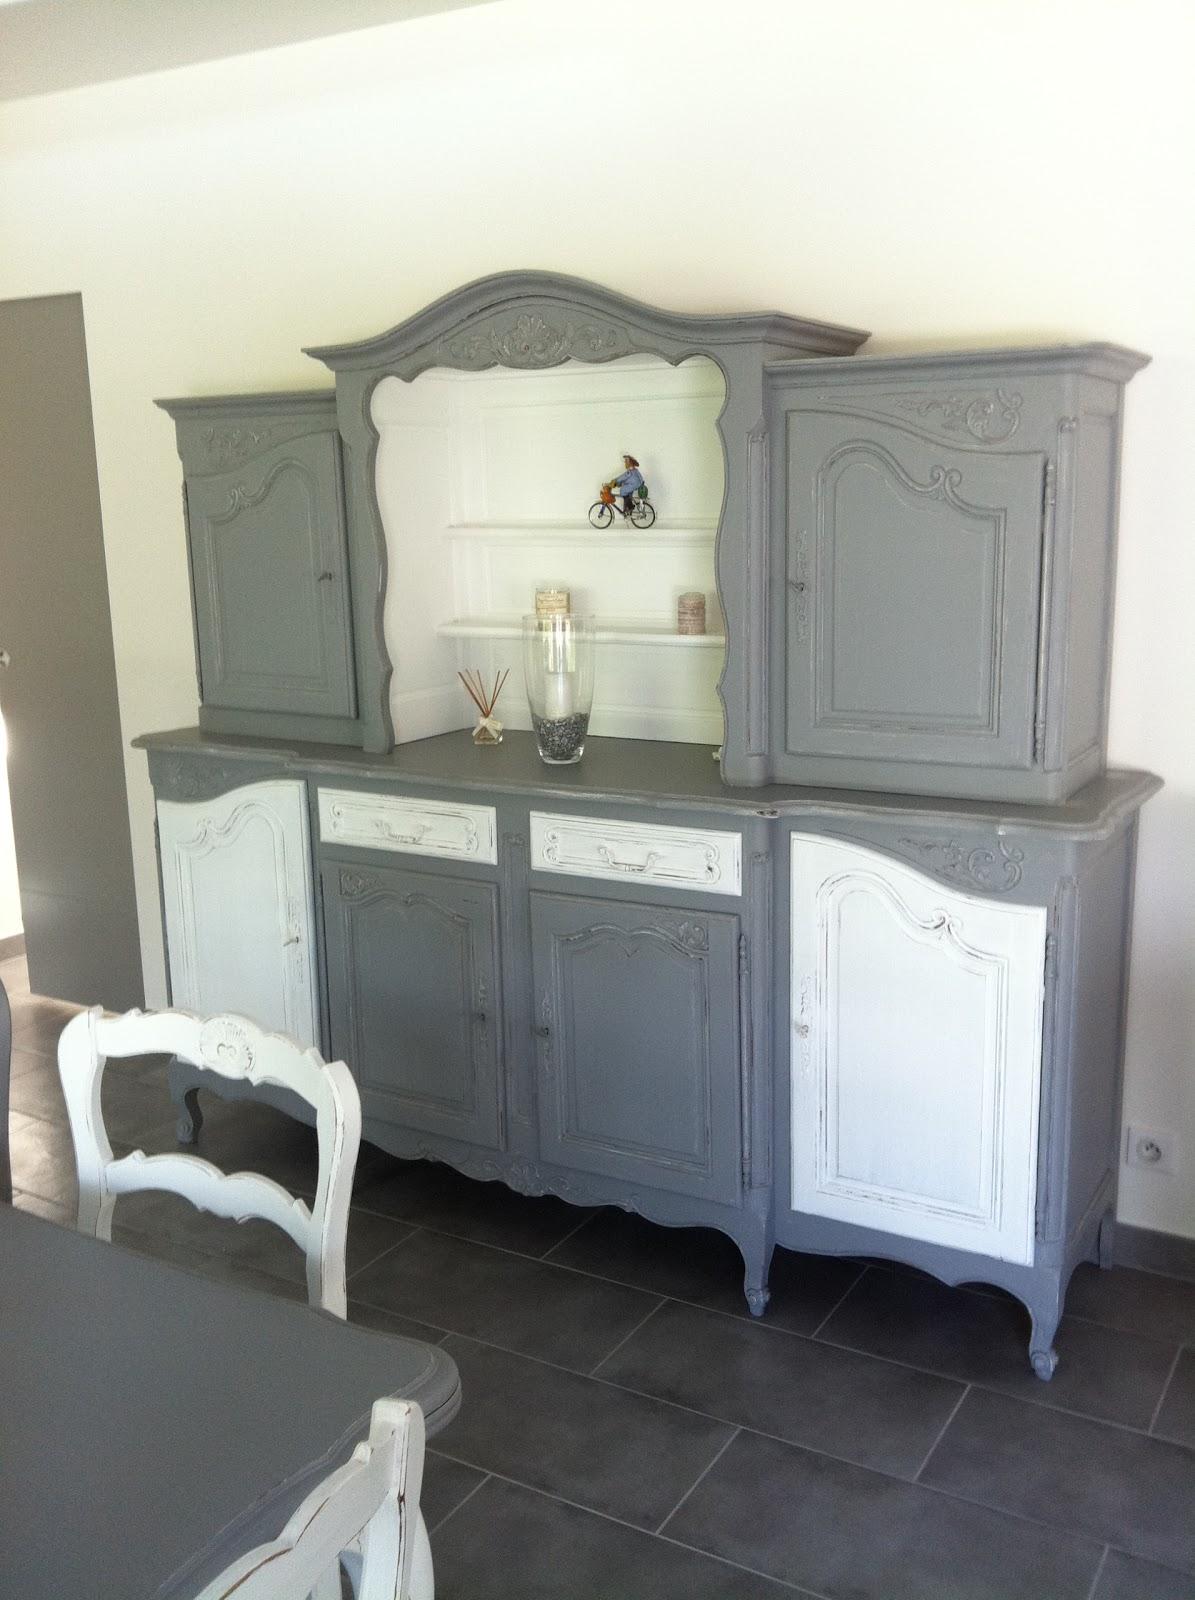 l 39 atelier des f es meubles anciens relook s pour maison ultra contemporaine chatenoy en. Black Bedroom Furniture Sets. Home Design Ideas